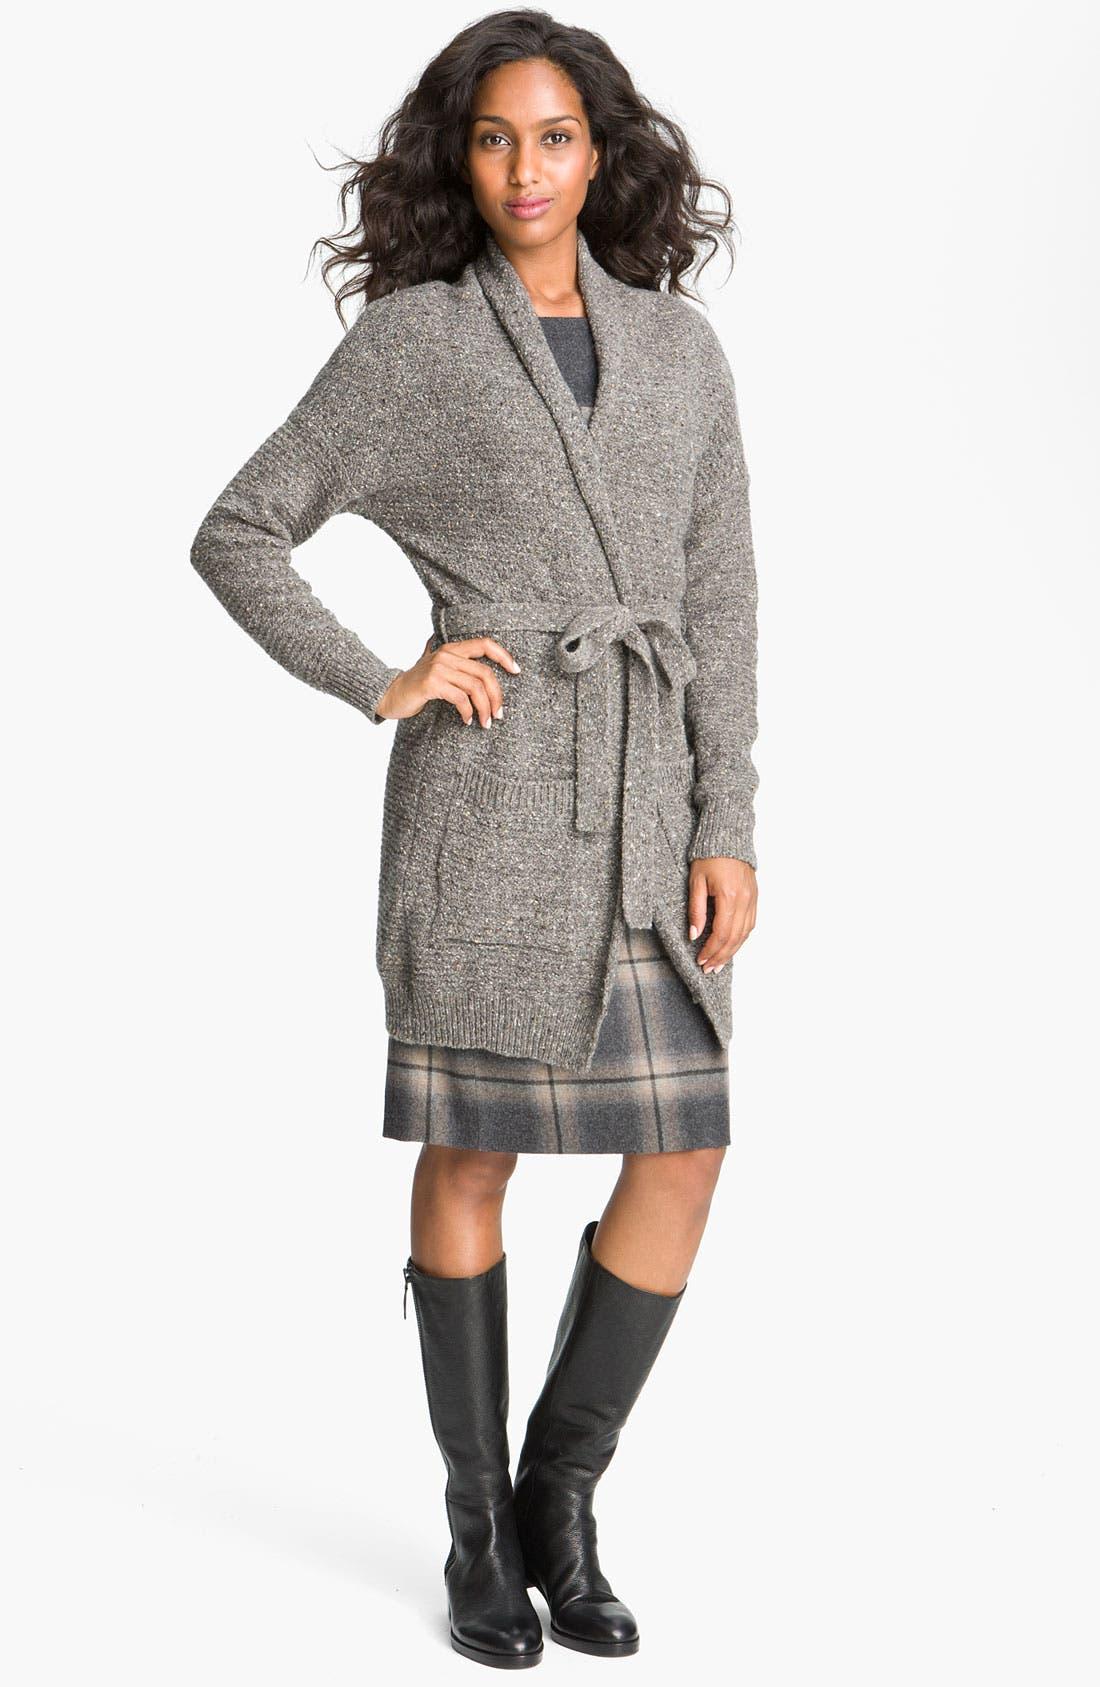 Alternate Image 1 Selected - Weekend Max Mara 'Jader' Sweater Jacket